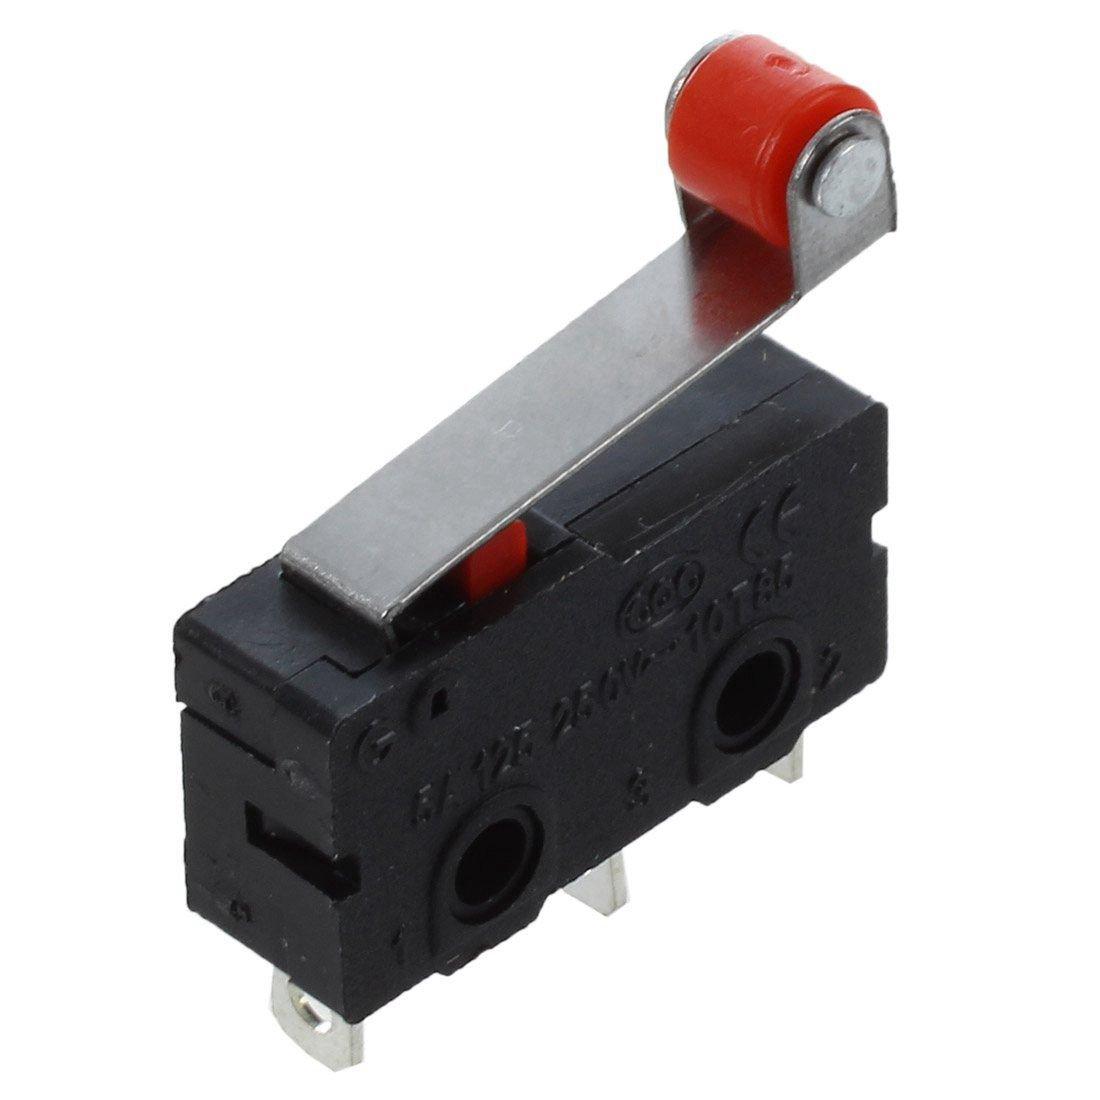 Vaorwne AC 250V 5A SPDT 1NO 1NC Interruptor-micro de palanca de rodillo de bisagra momentaneo 3 Pines 10 Pzs